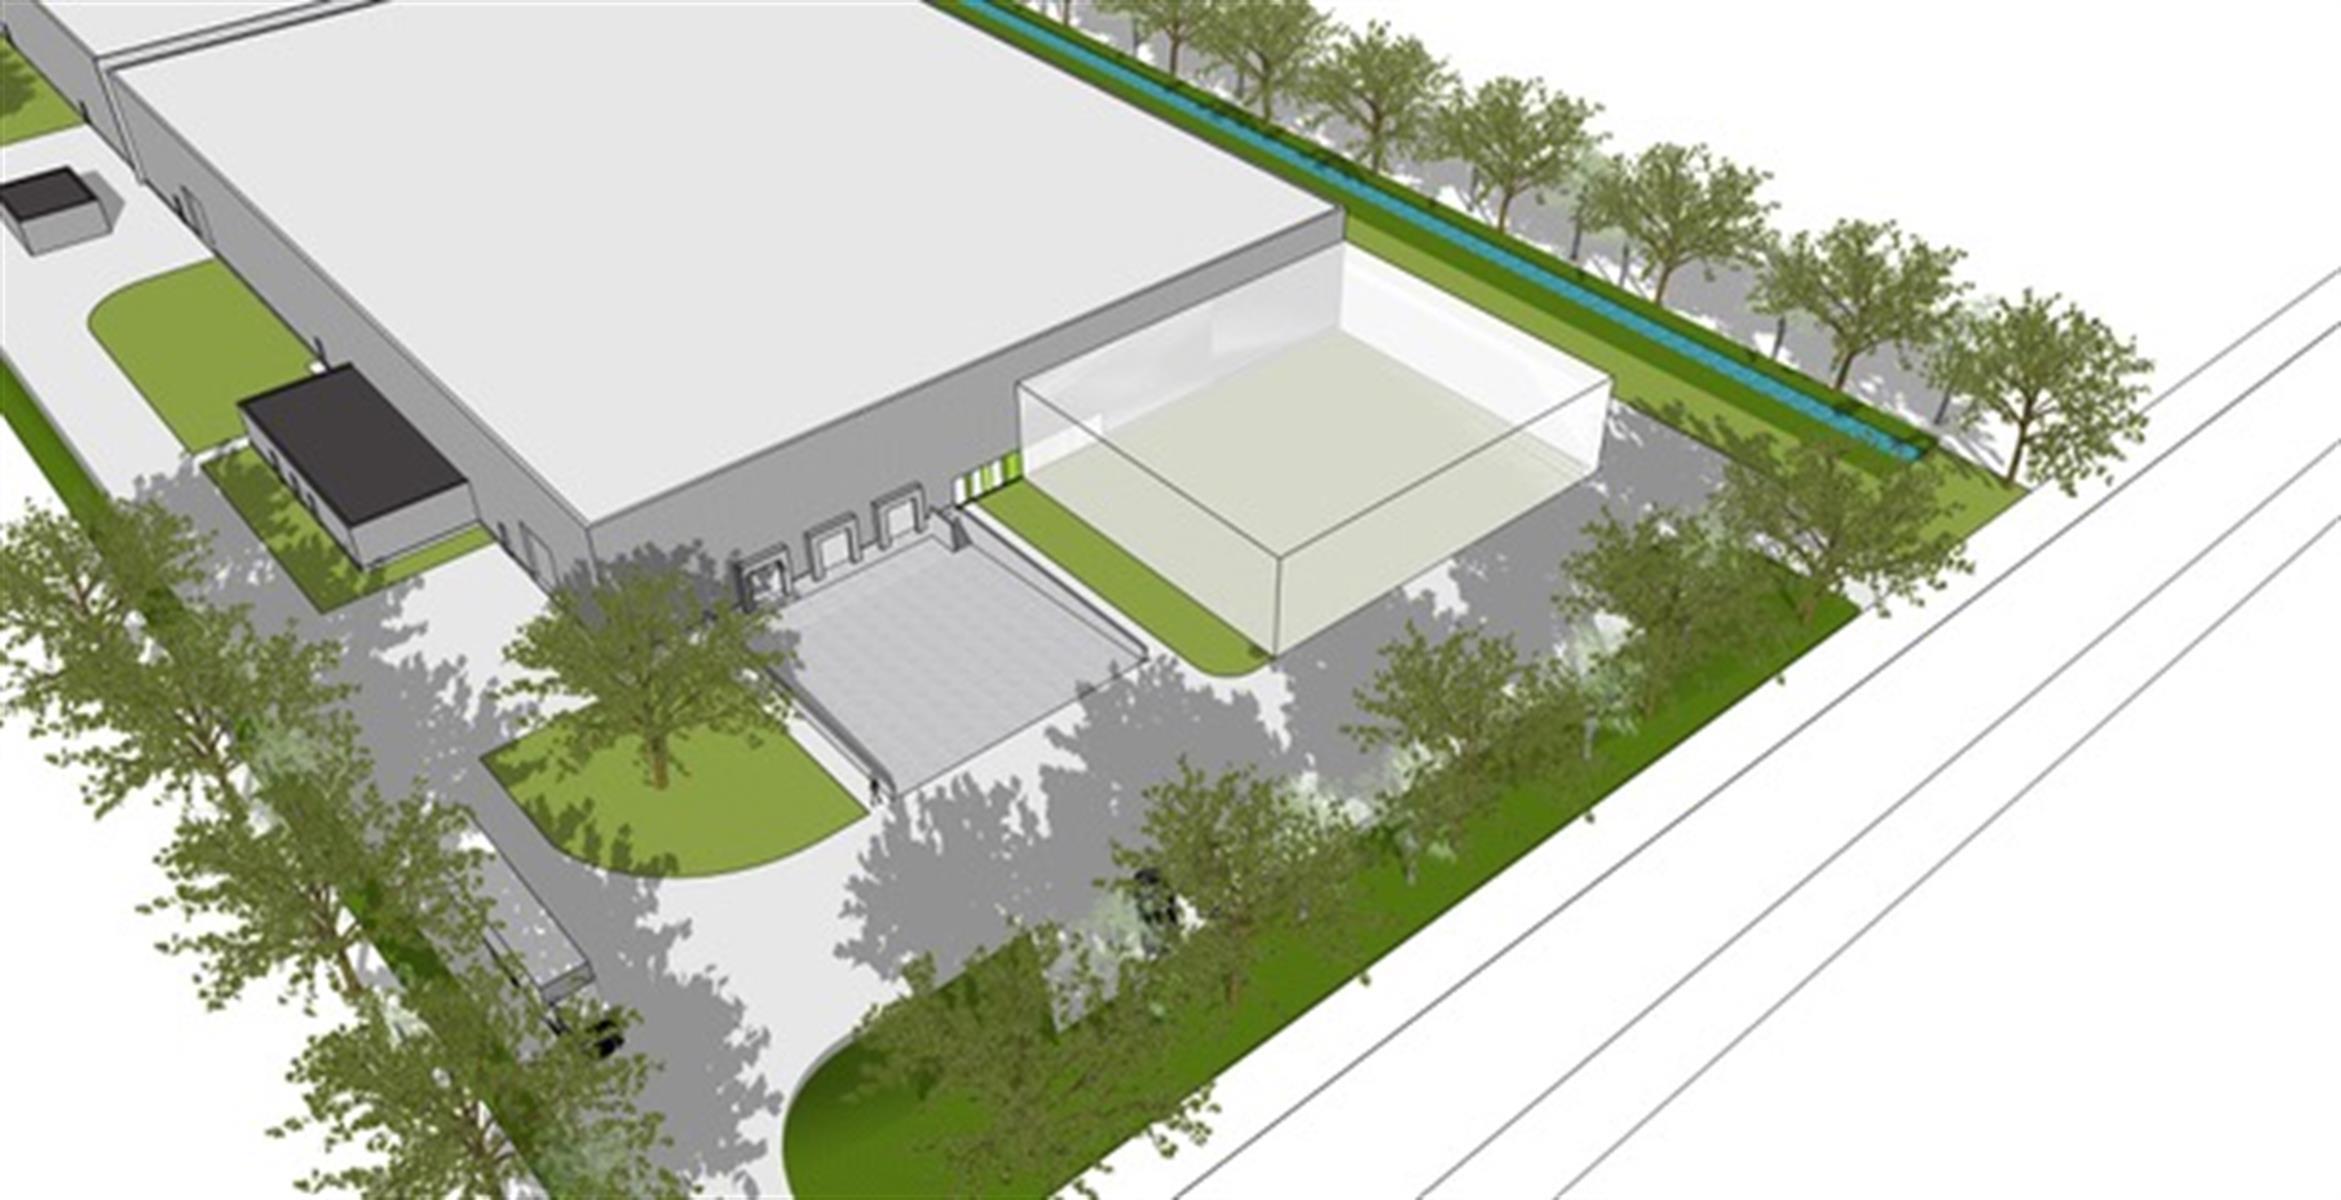 gebouw voor gemengd gebruik te huur I166 - Essenschotstraat 2, 3980 Tessenderlo, België 6